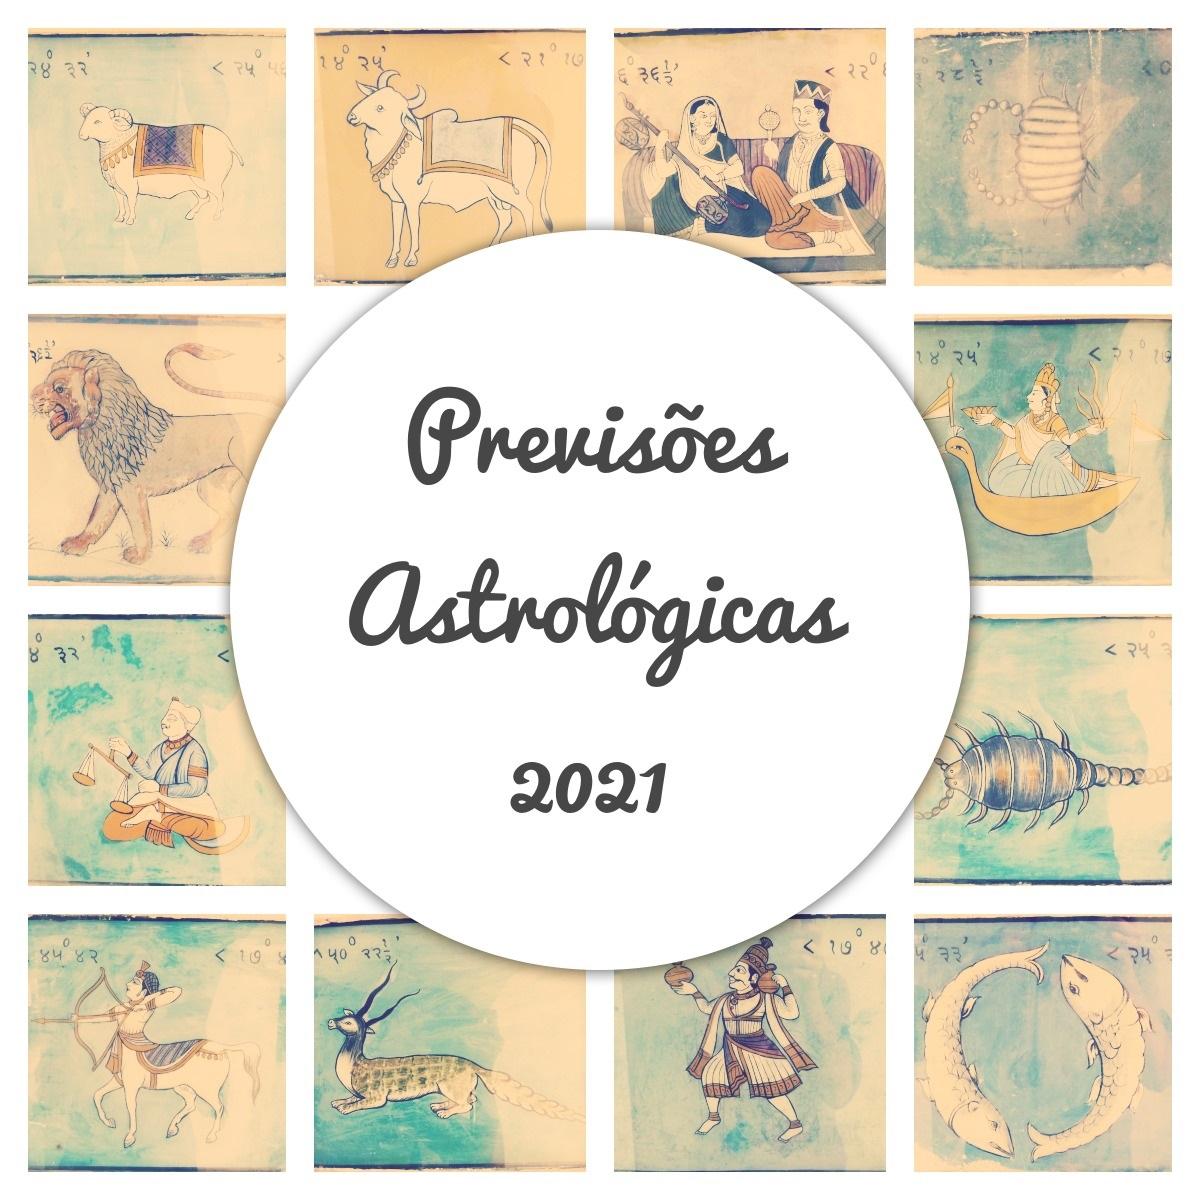 As previsões astrológicas para 2021